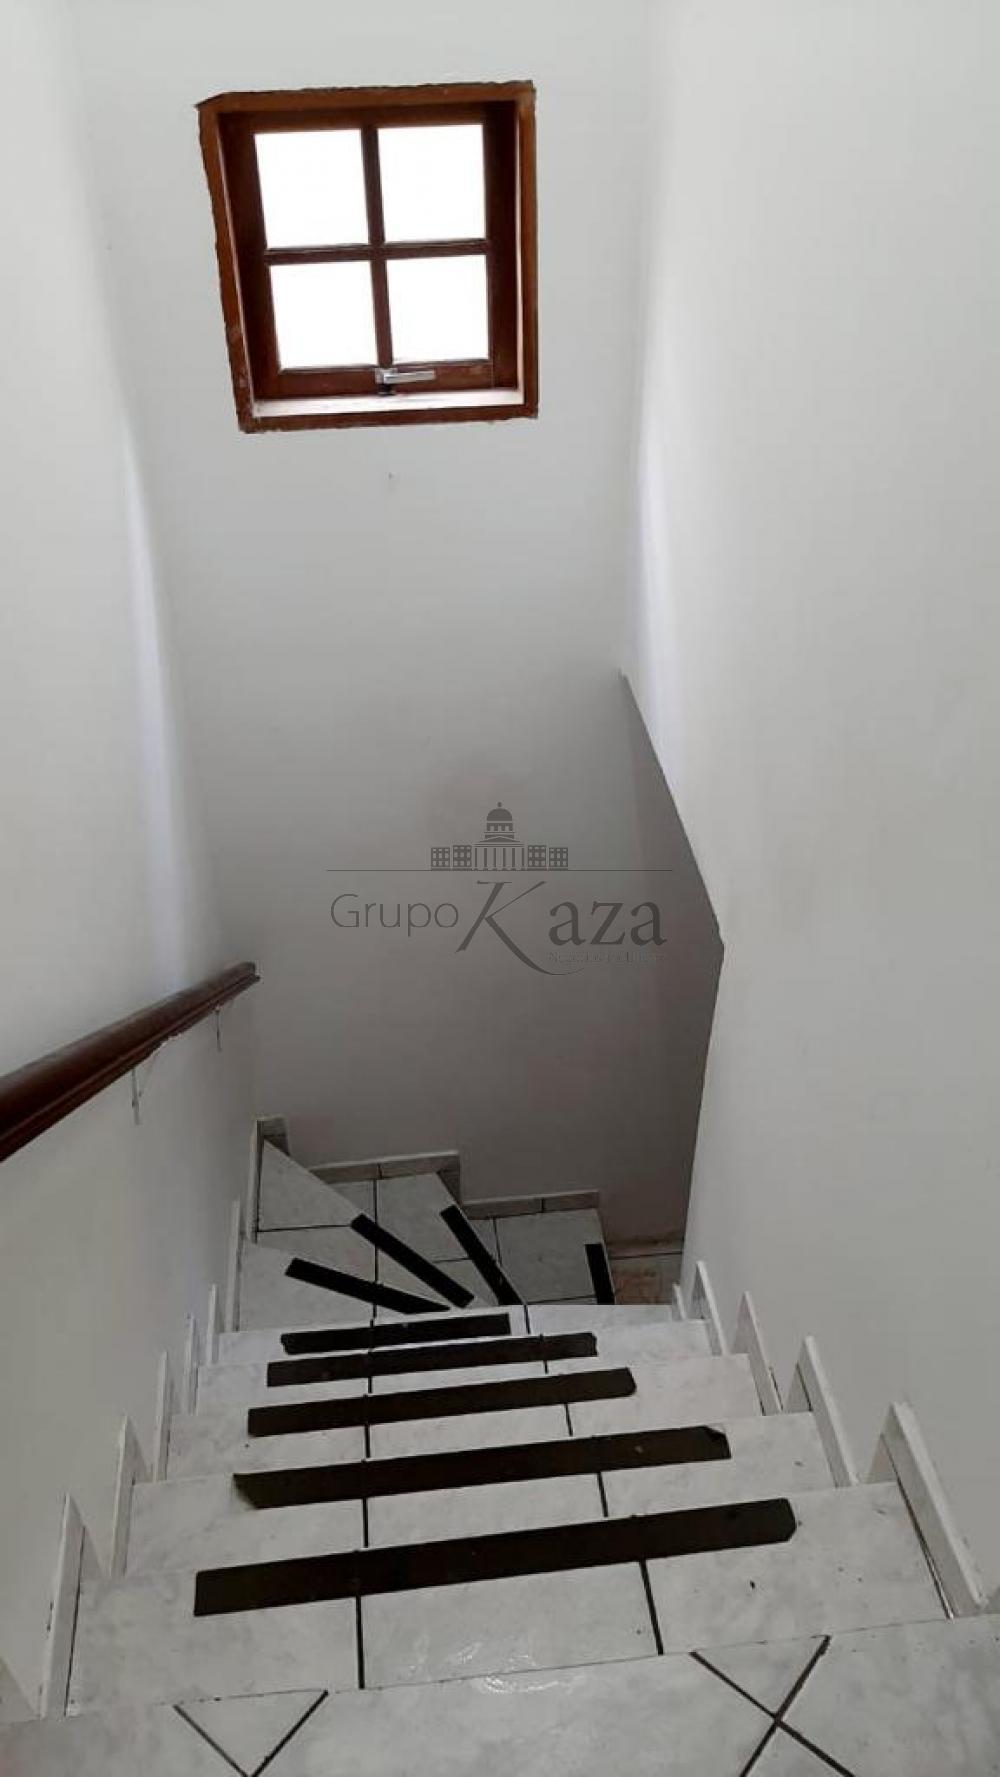 alt='Comprar Casa / Padrão em São José dos Campos R$ 320.000,00 - Foto 8' title='Comprar Casa / Padrão em São José dos Campos R$ 320.000,00 - Foto 8'